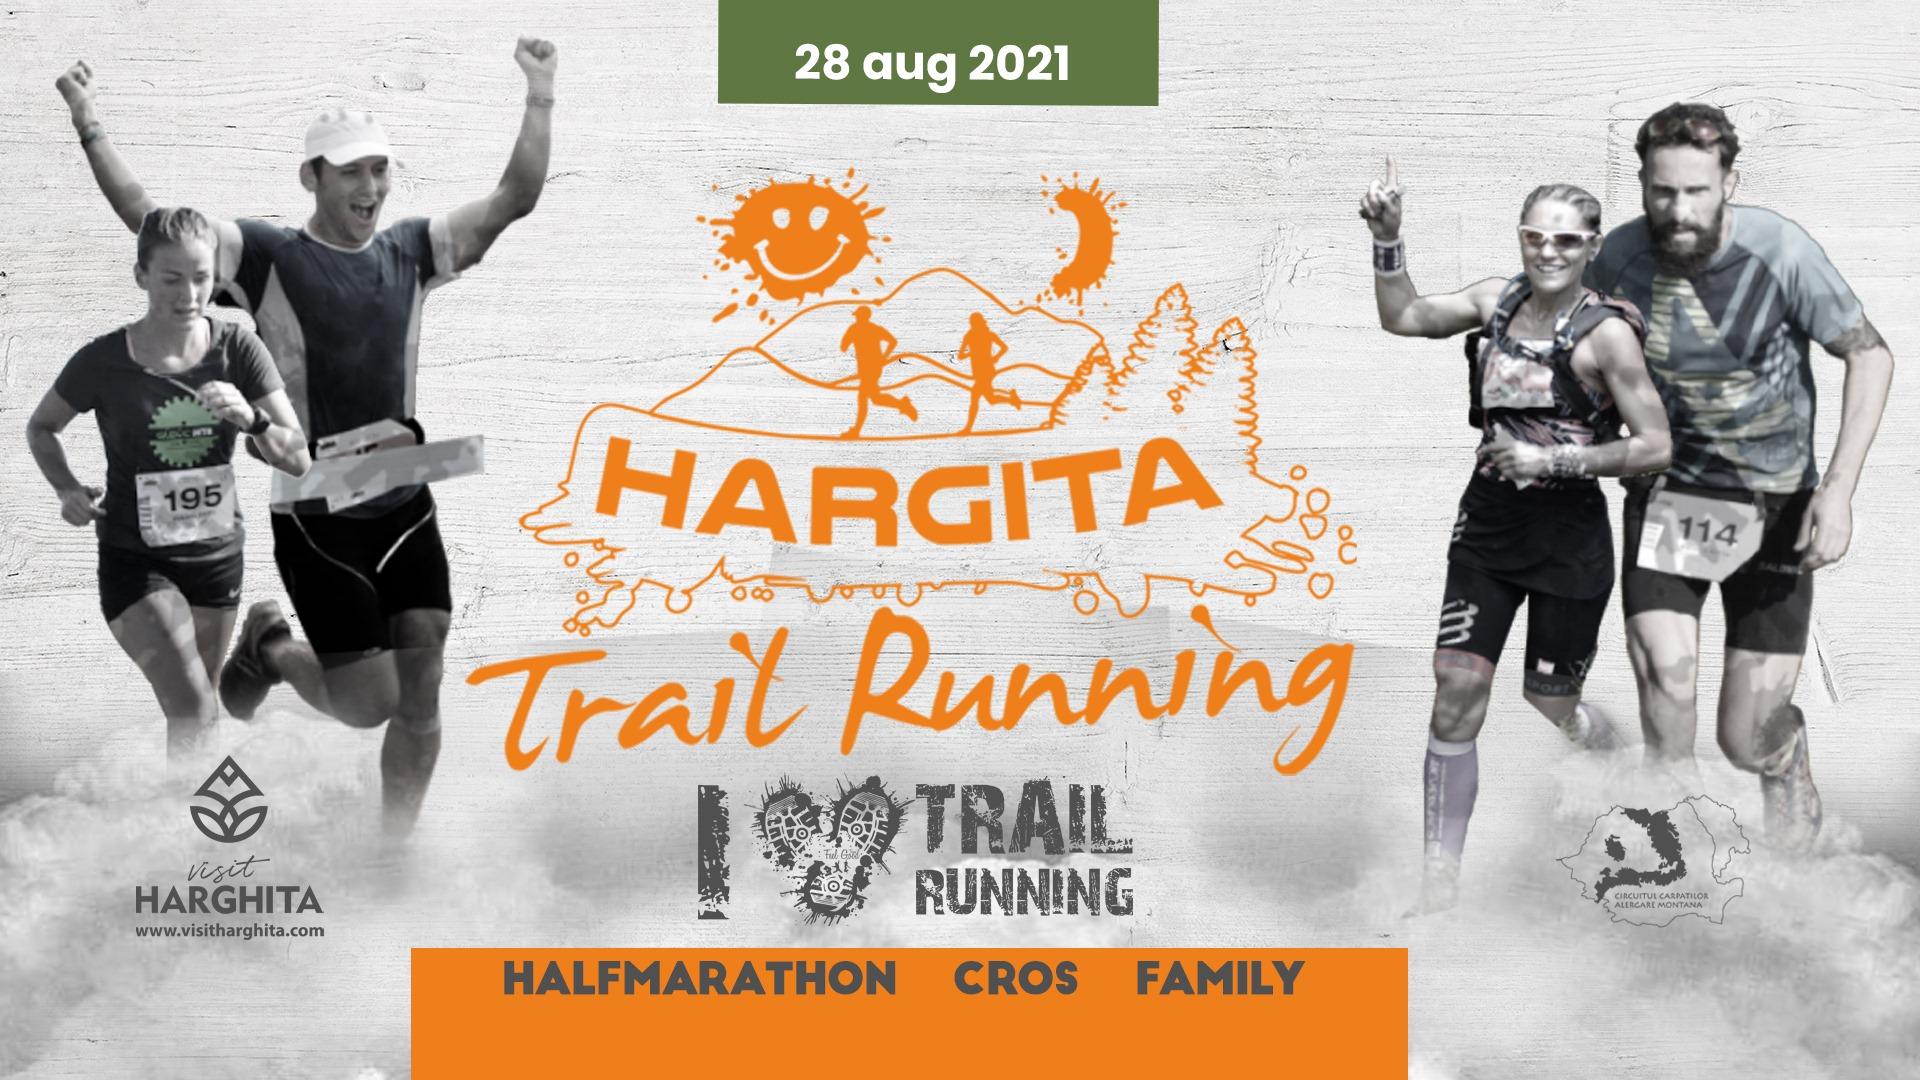 Hargita Trail Running